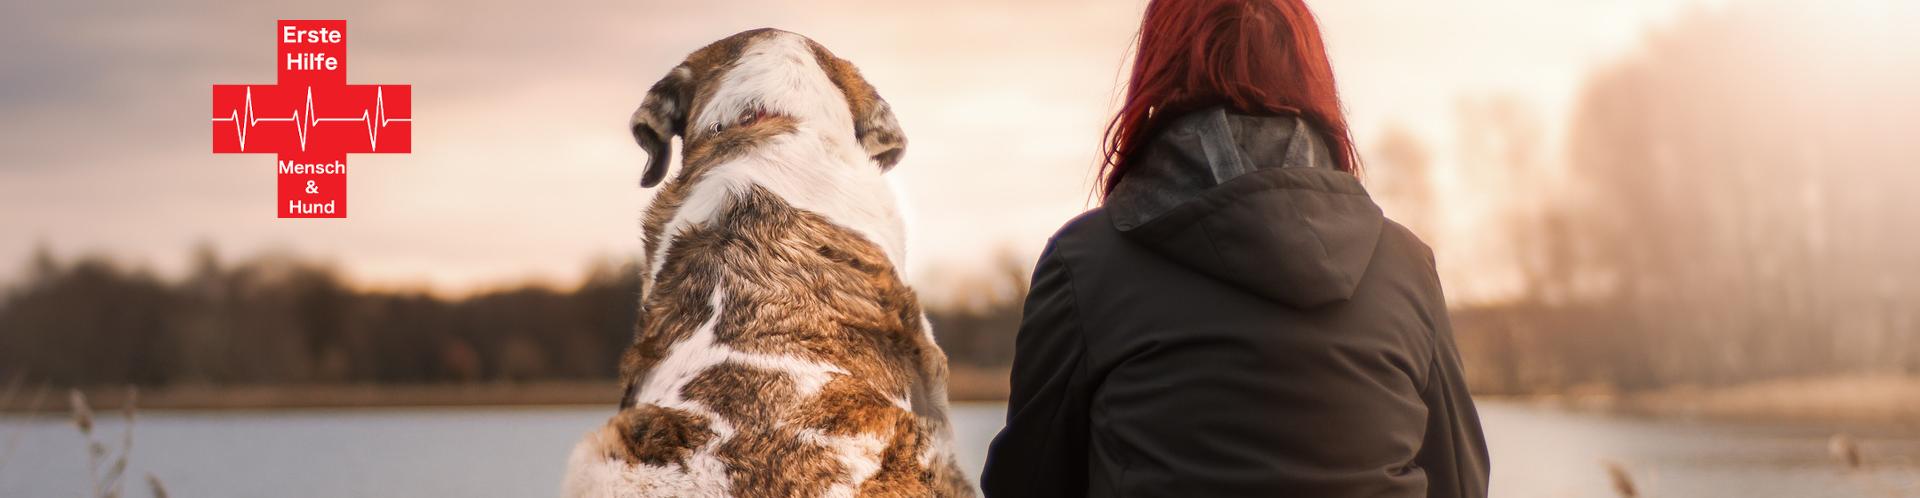 Erste Hilfe Mensch & Hund